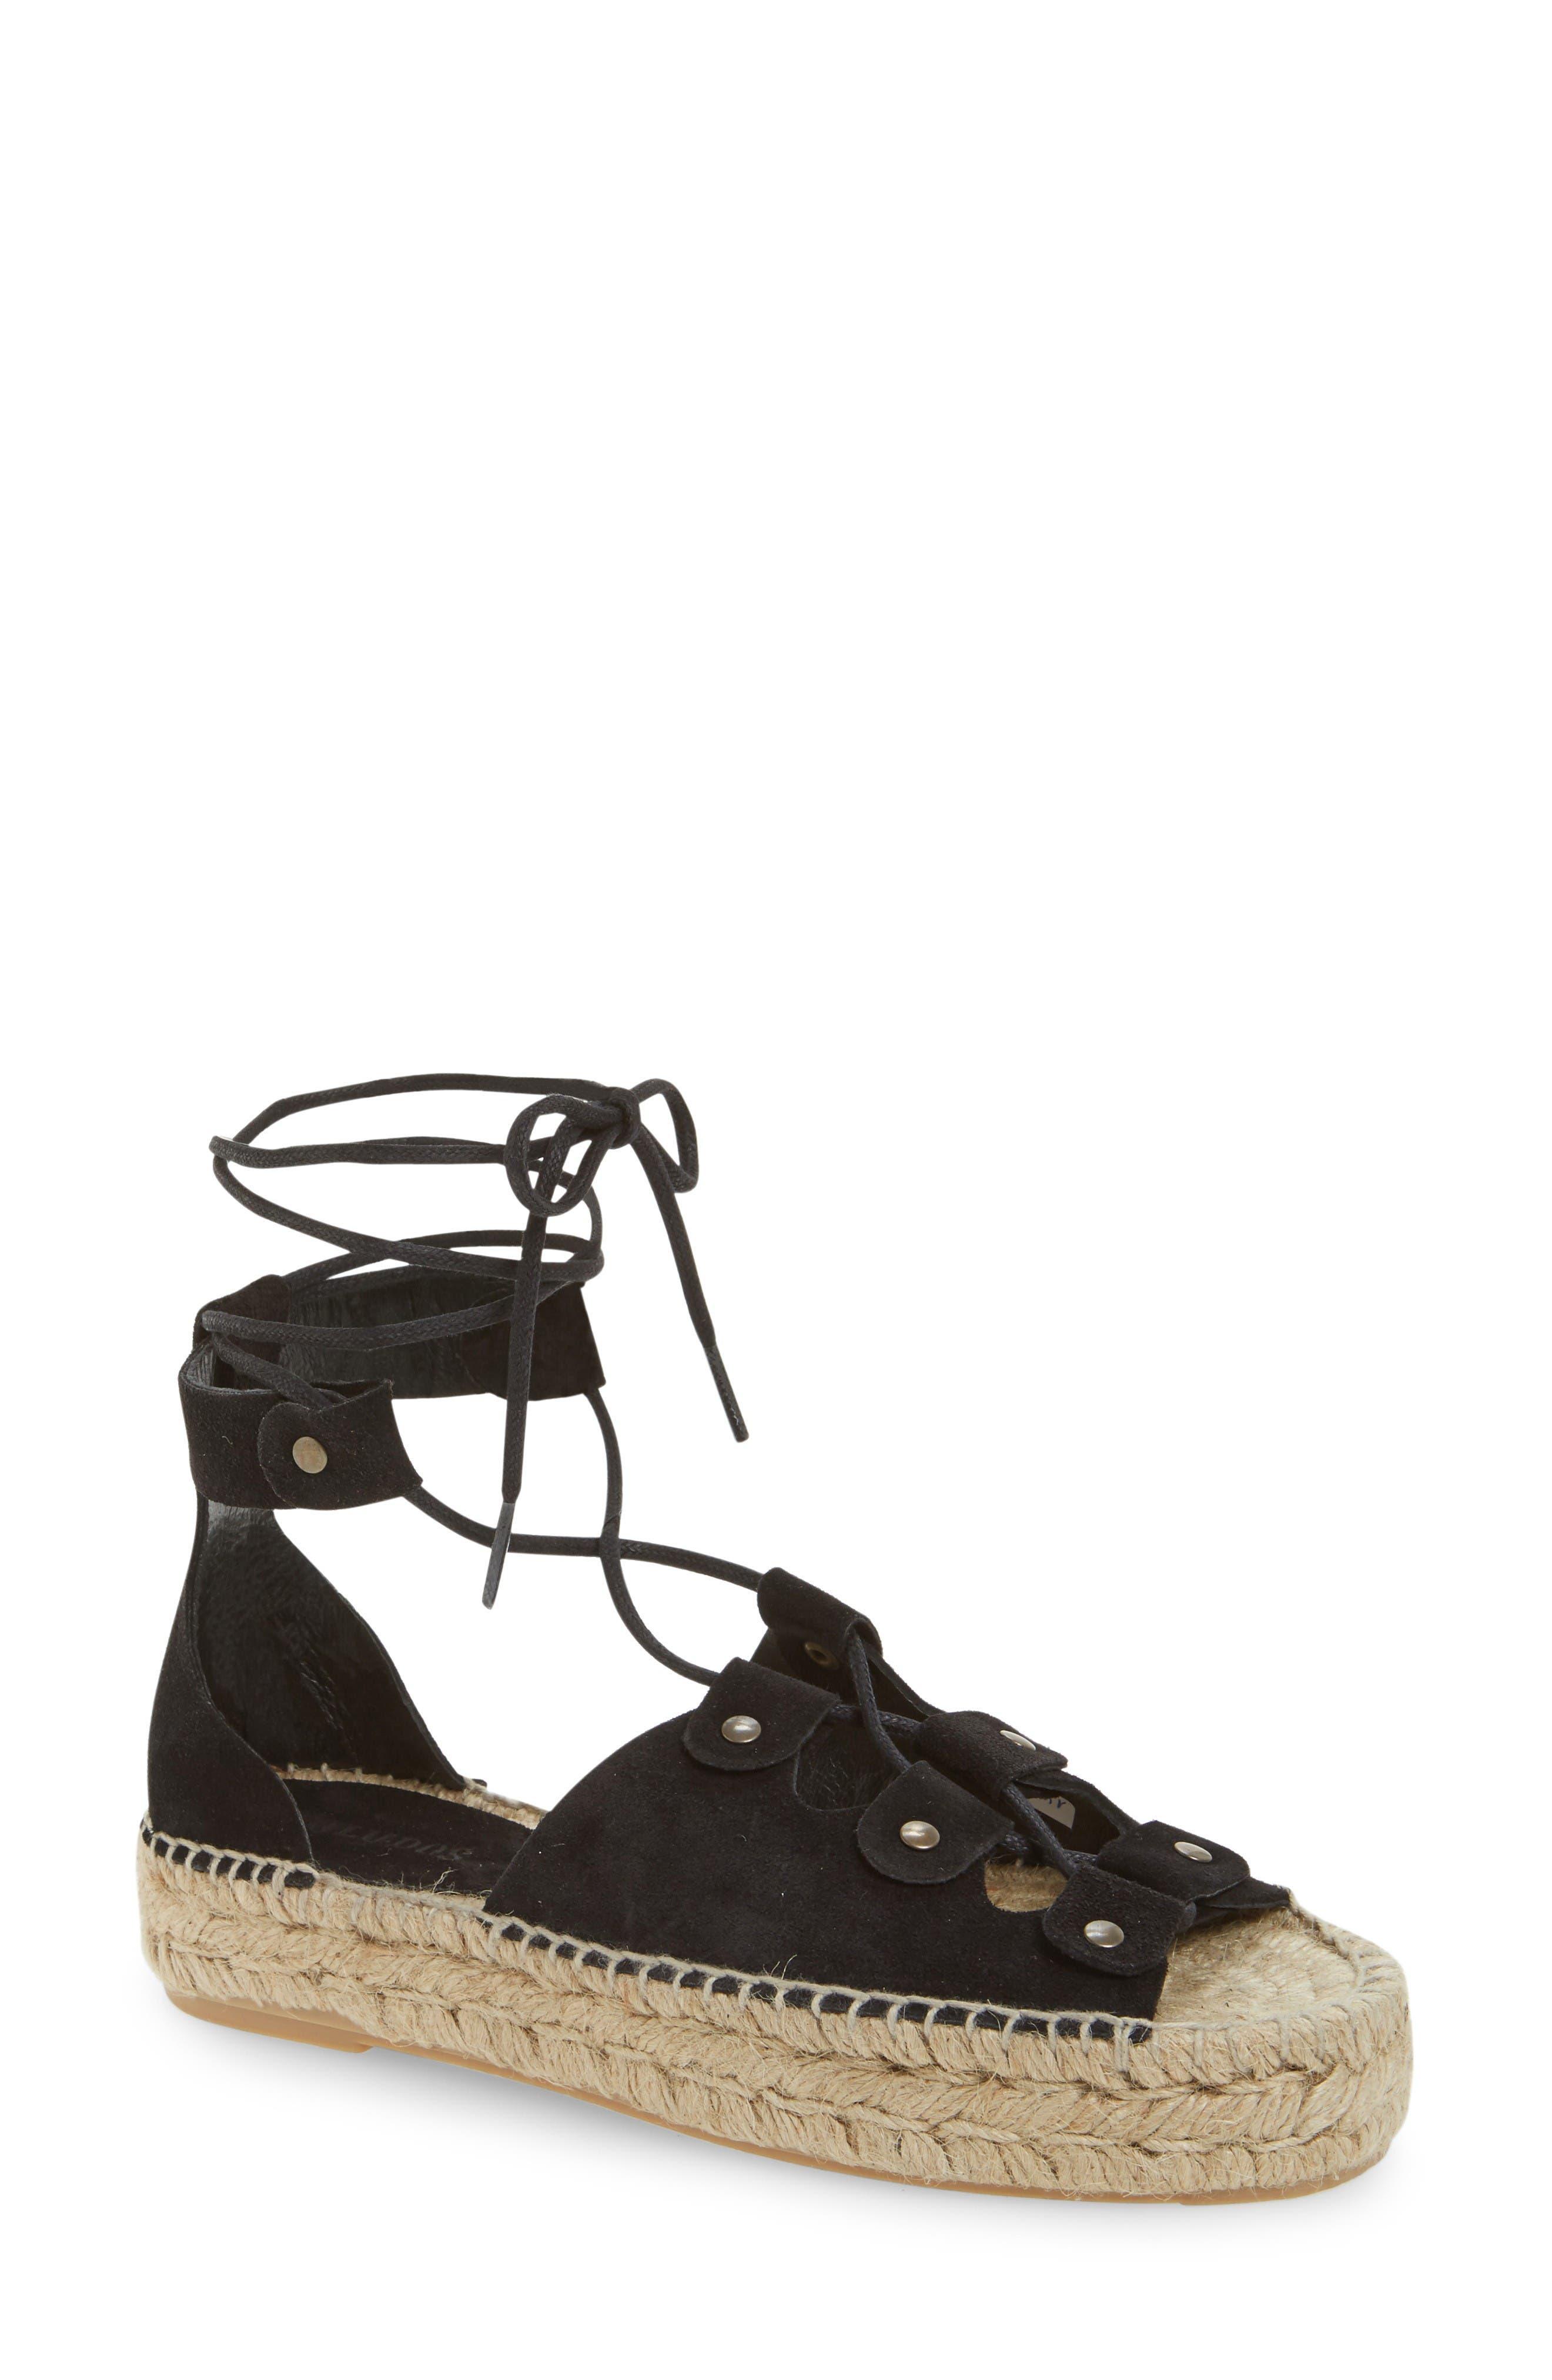 Ghillie Platform Sandal,                         Main,                         color, Black Suede